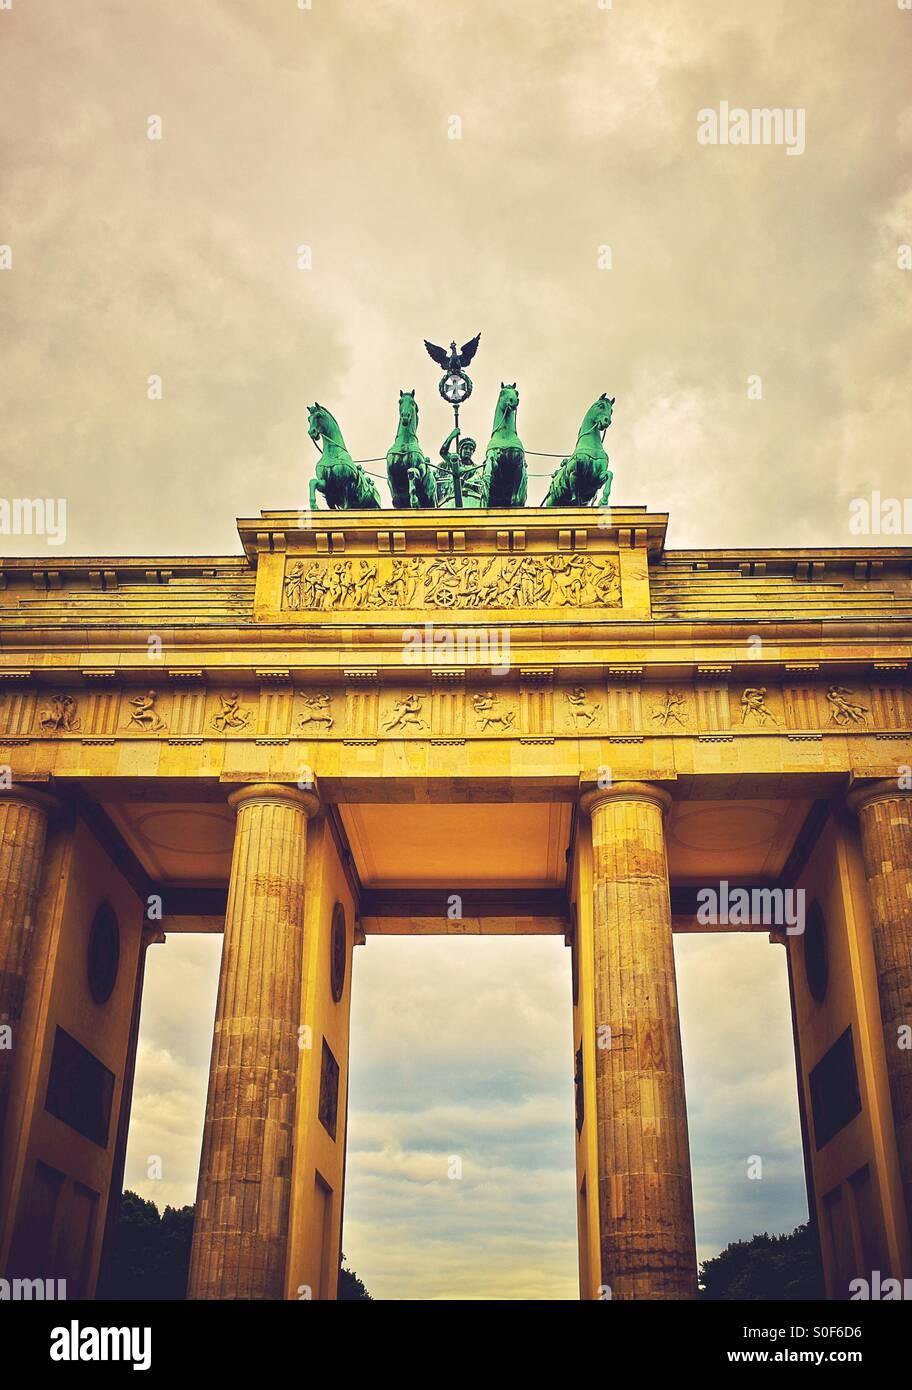 Le quadrige en haut de la porte de Brandebourg à Berlin Allemagne Europe Photo Stock